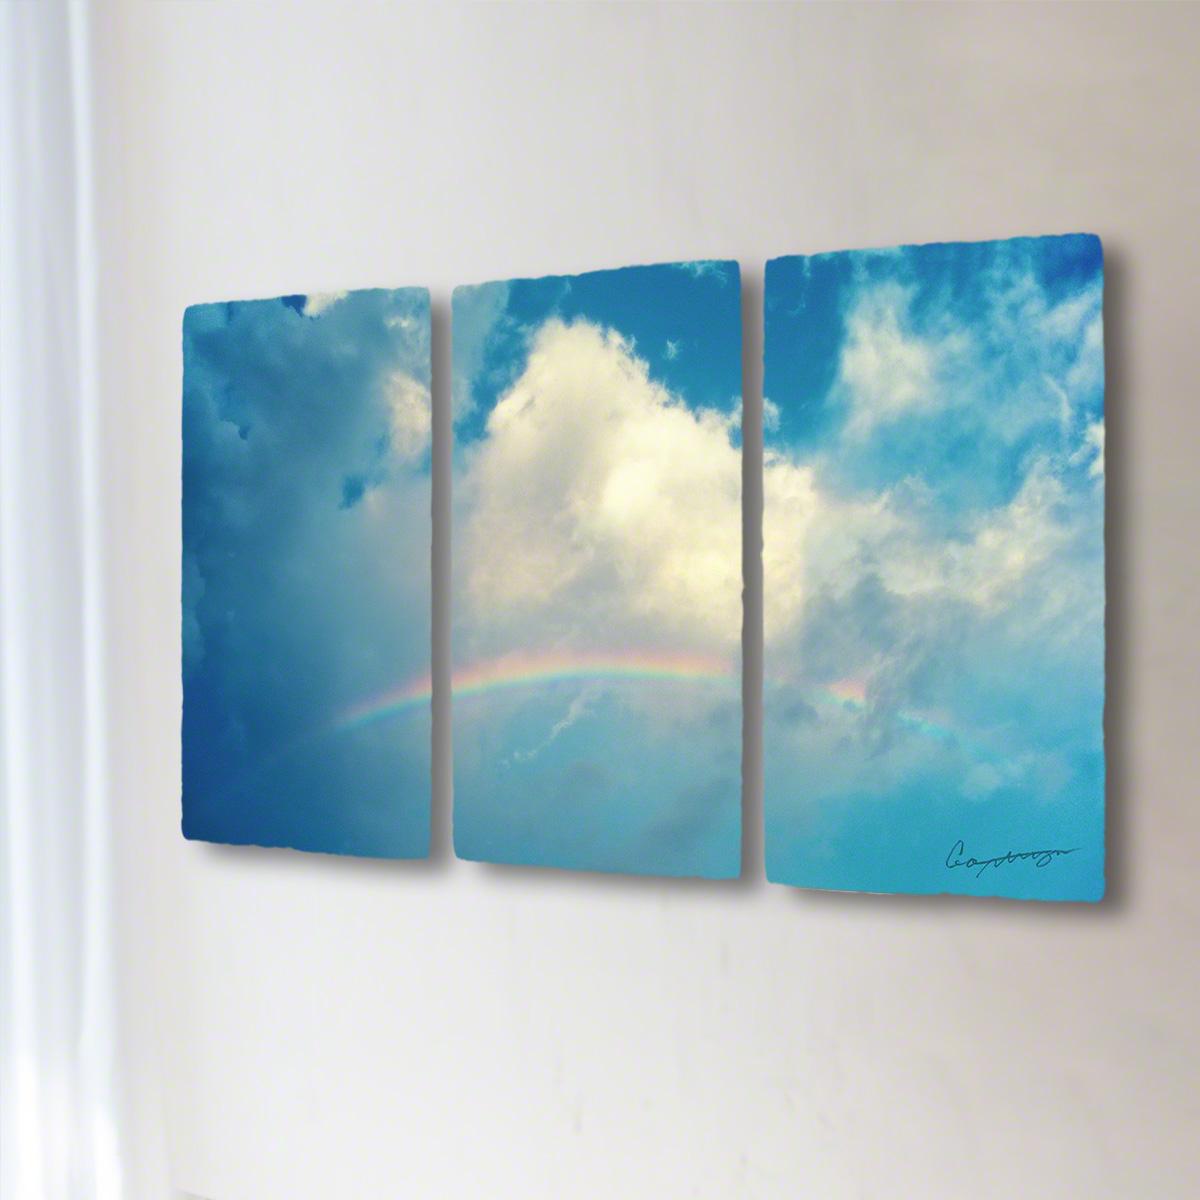 和紙 手作り アートパネル 3枚続き 「虹と入道雲」(128x72cm) 絵画 絵 ポスター 壁掛け モダン アート 和風 オリジナル インテリア 風景画 ランキング おすすめ おしゃれ 人気 キッチン リビング ダイニング 玄関 和室